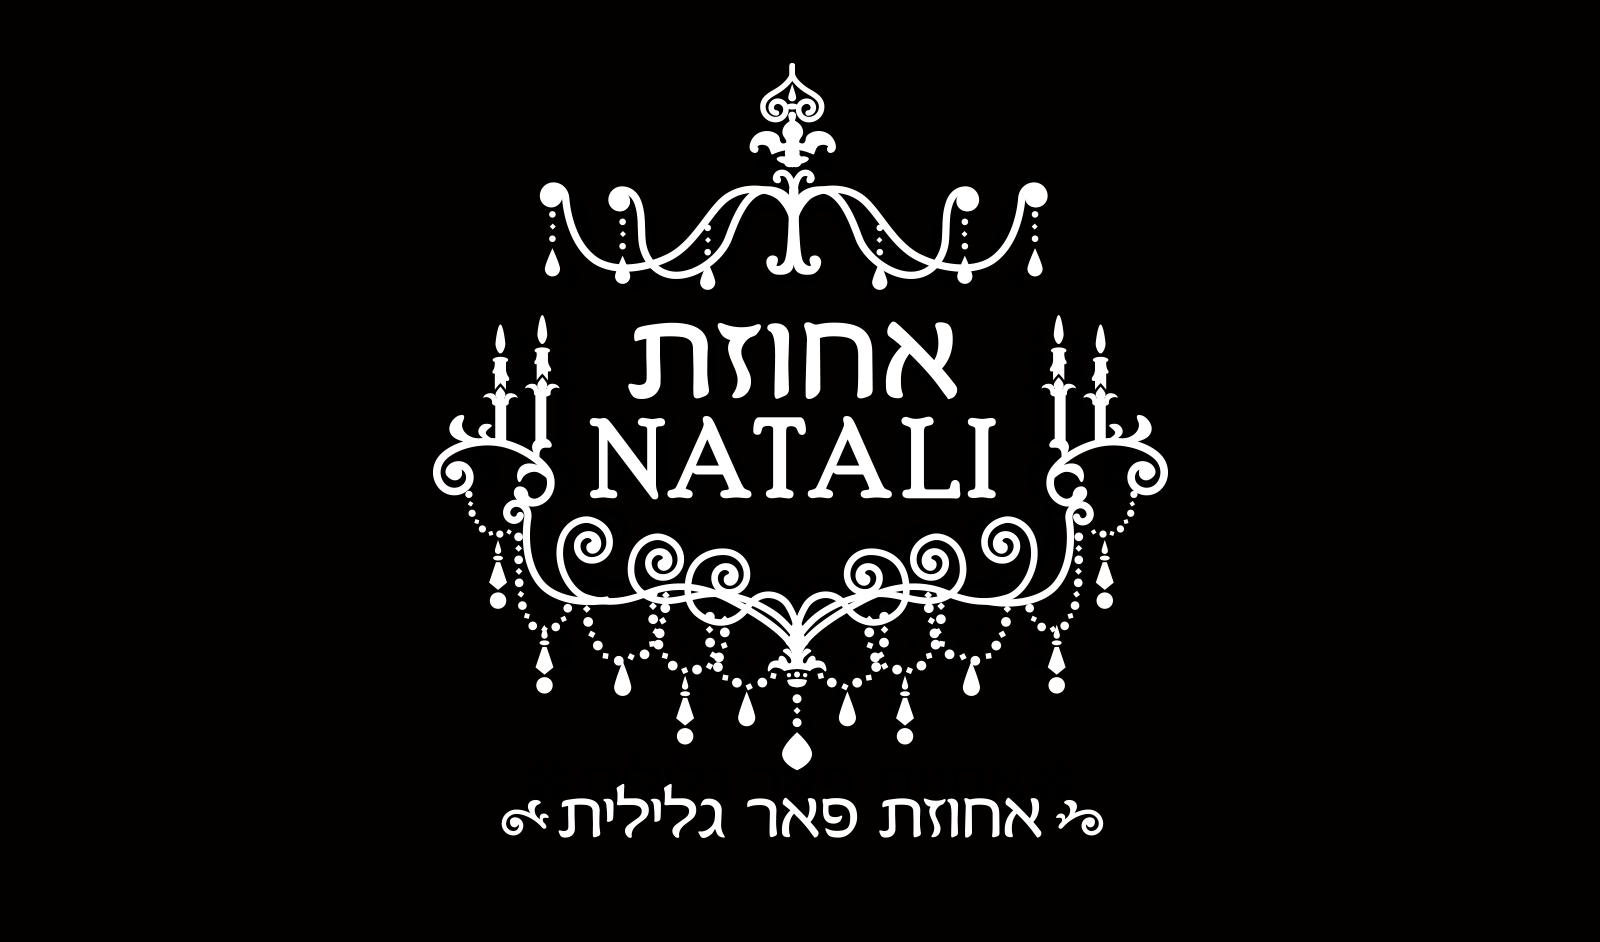 עיצוב לוגו לצימר יוקרה